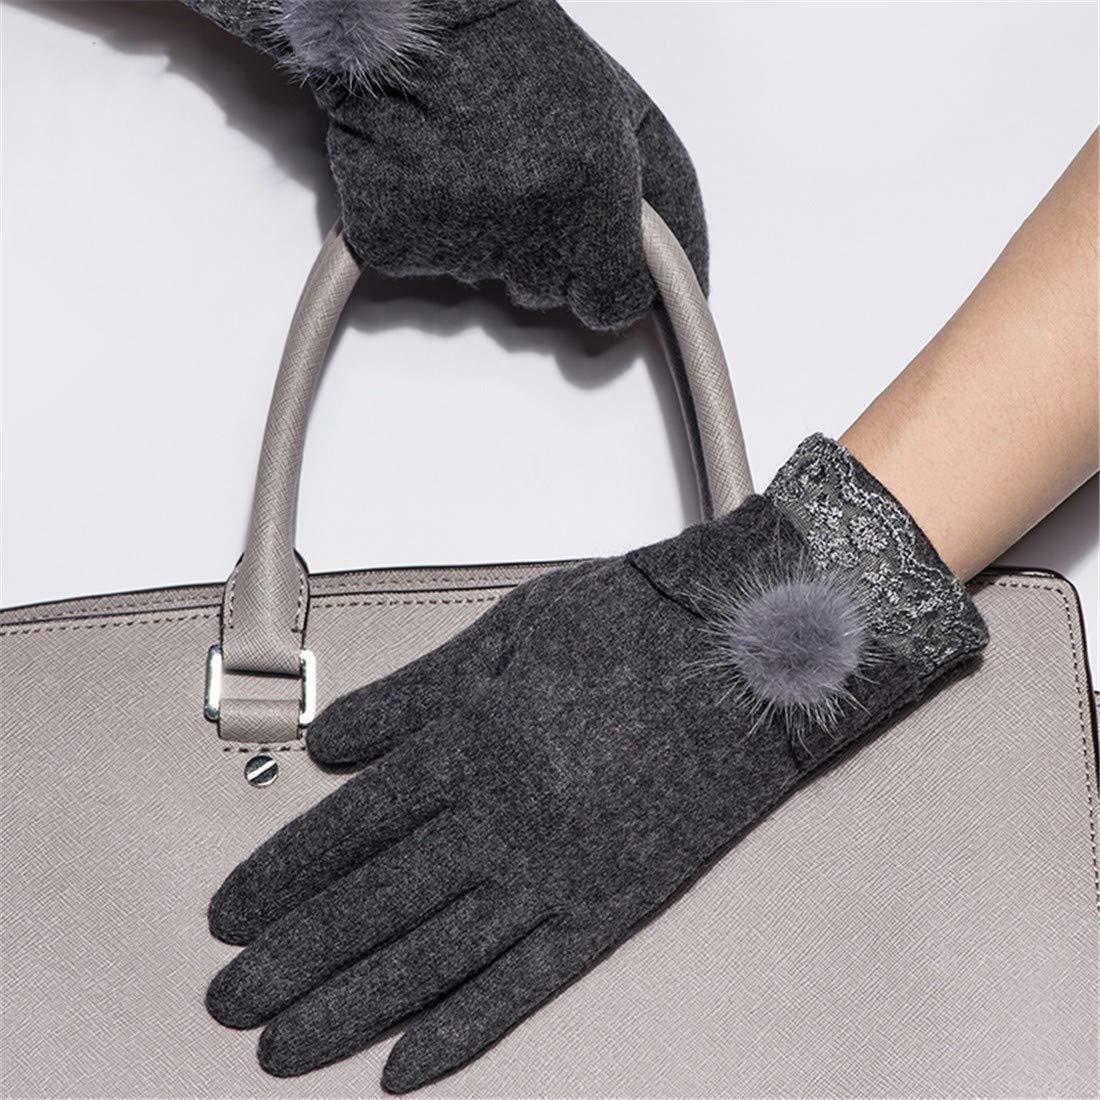 LANTA Home Winter warme Handschuhe Damen kalte kalte kalte Handschuhe schwarz (Farbe   Navy) B07N64T6G2 Handschuhe Elegant und feierlich c30830